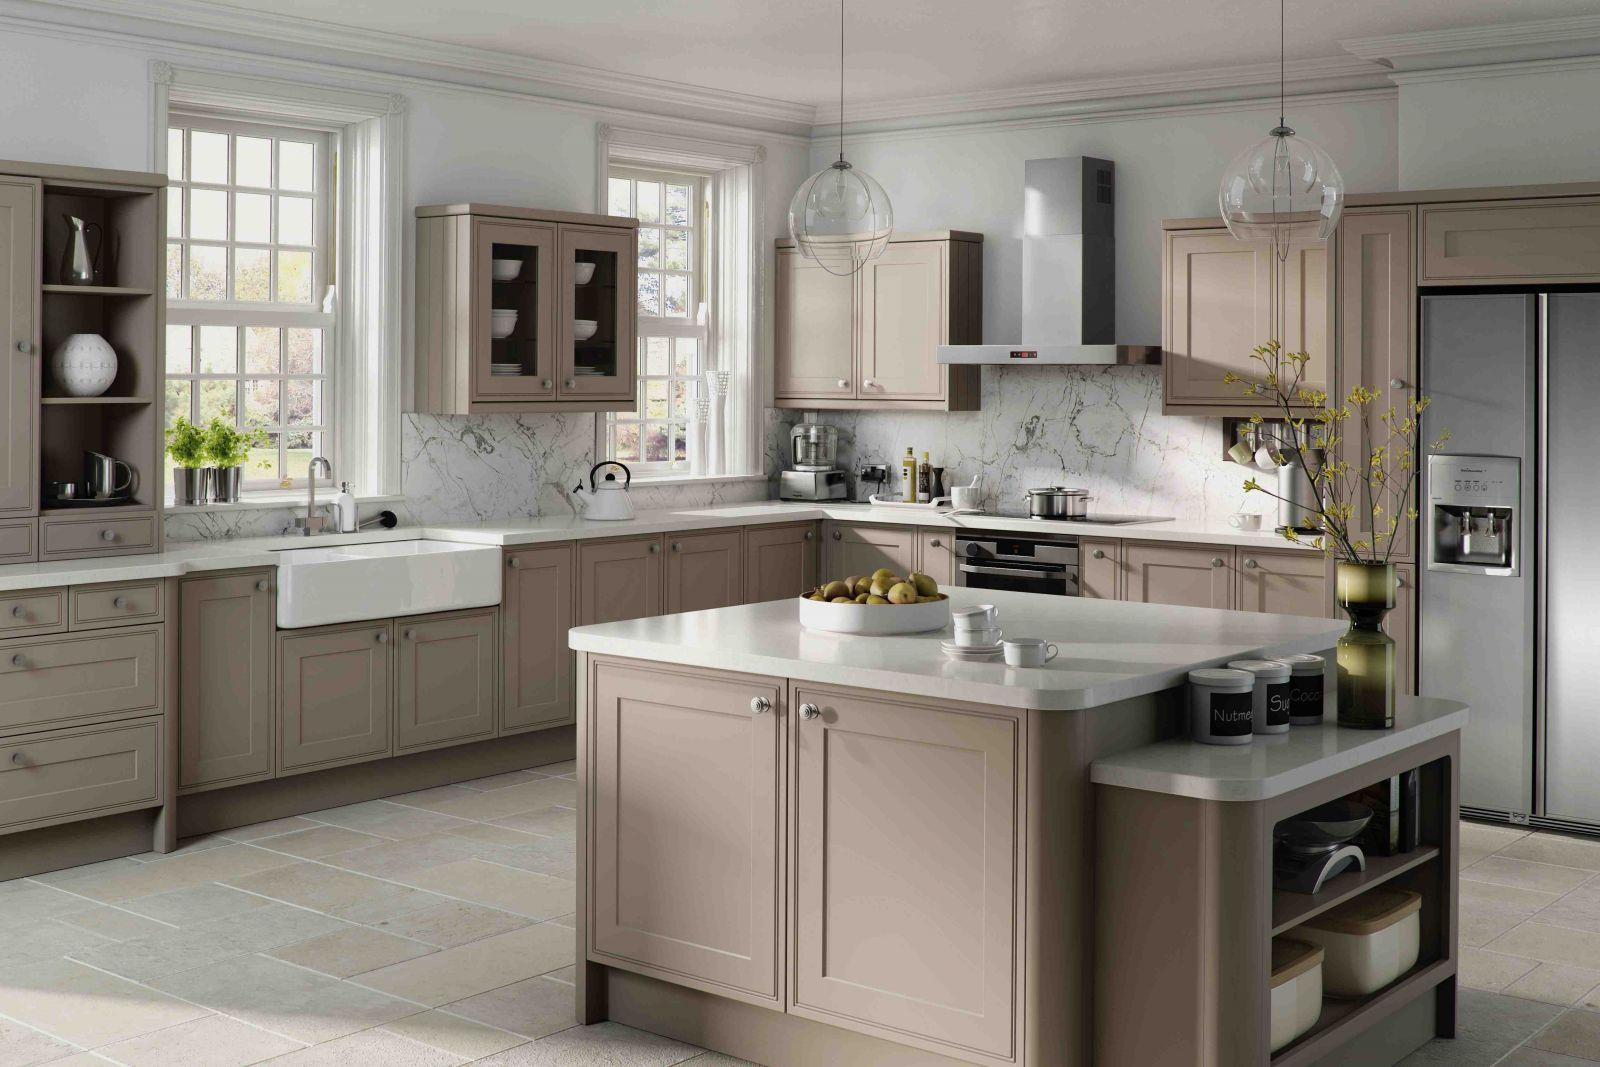 Alternatives To White Kitchen Cabinets Divine DesignBuild - White and grey kitchen cupboards